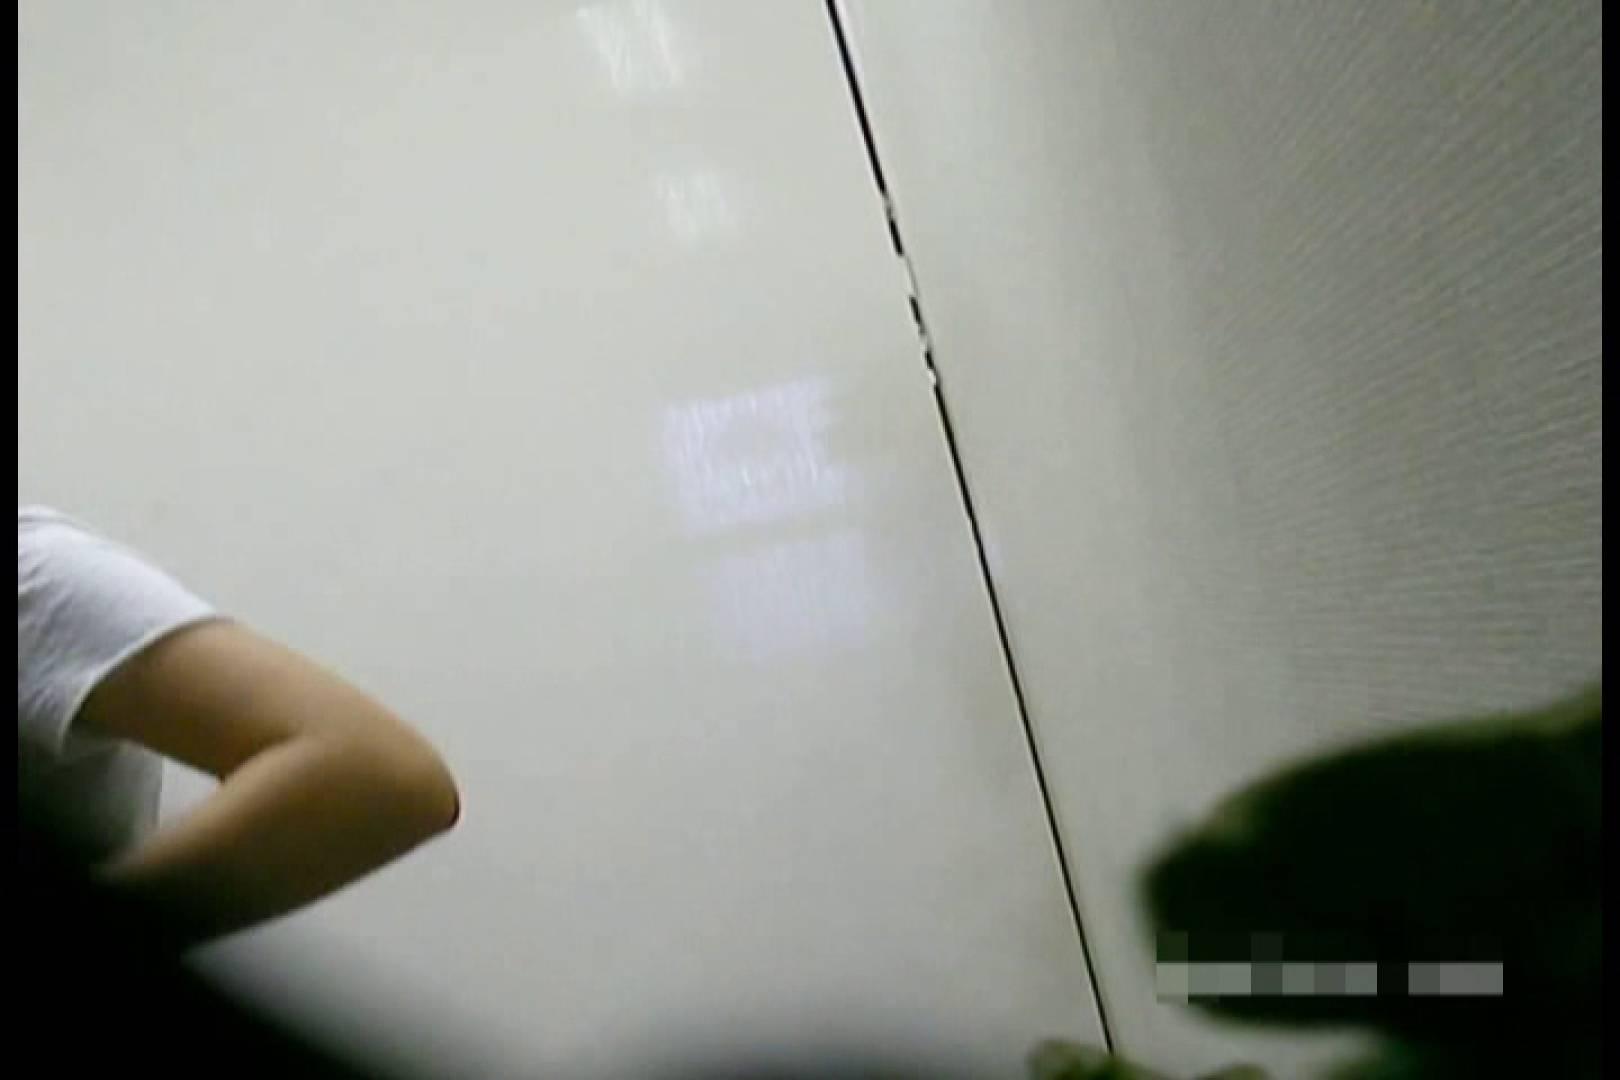 素人撮影 下着だけの撮影のはずが・・・みゆき18歳 丸見え 盗み撮り動画 84pic 83